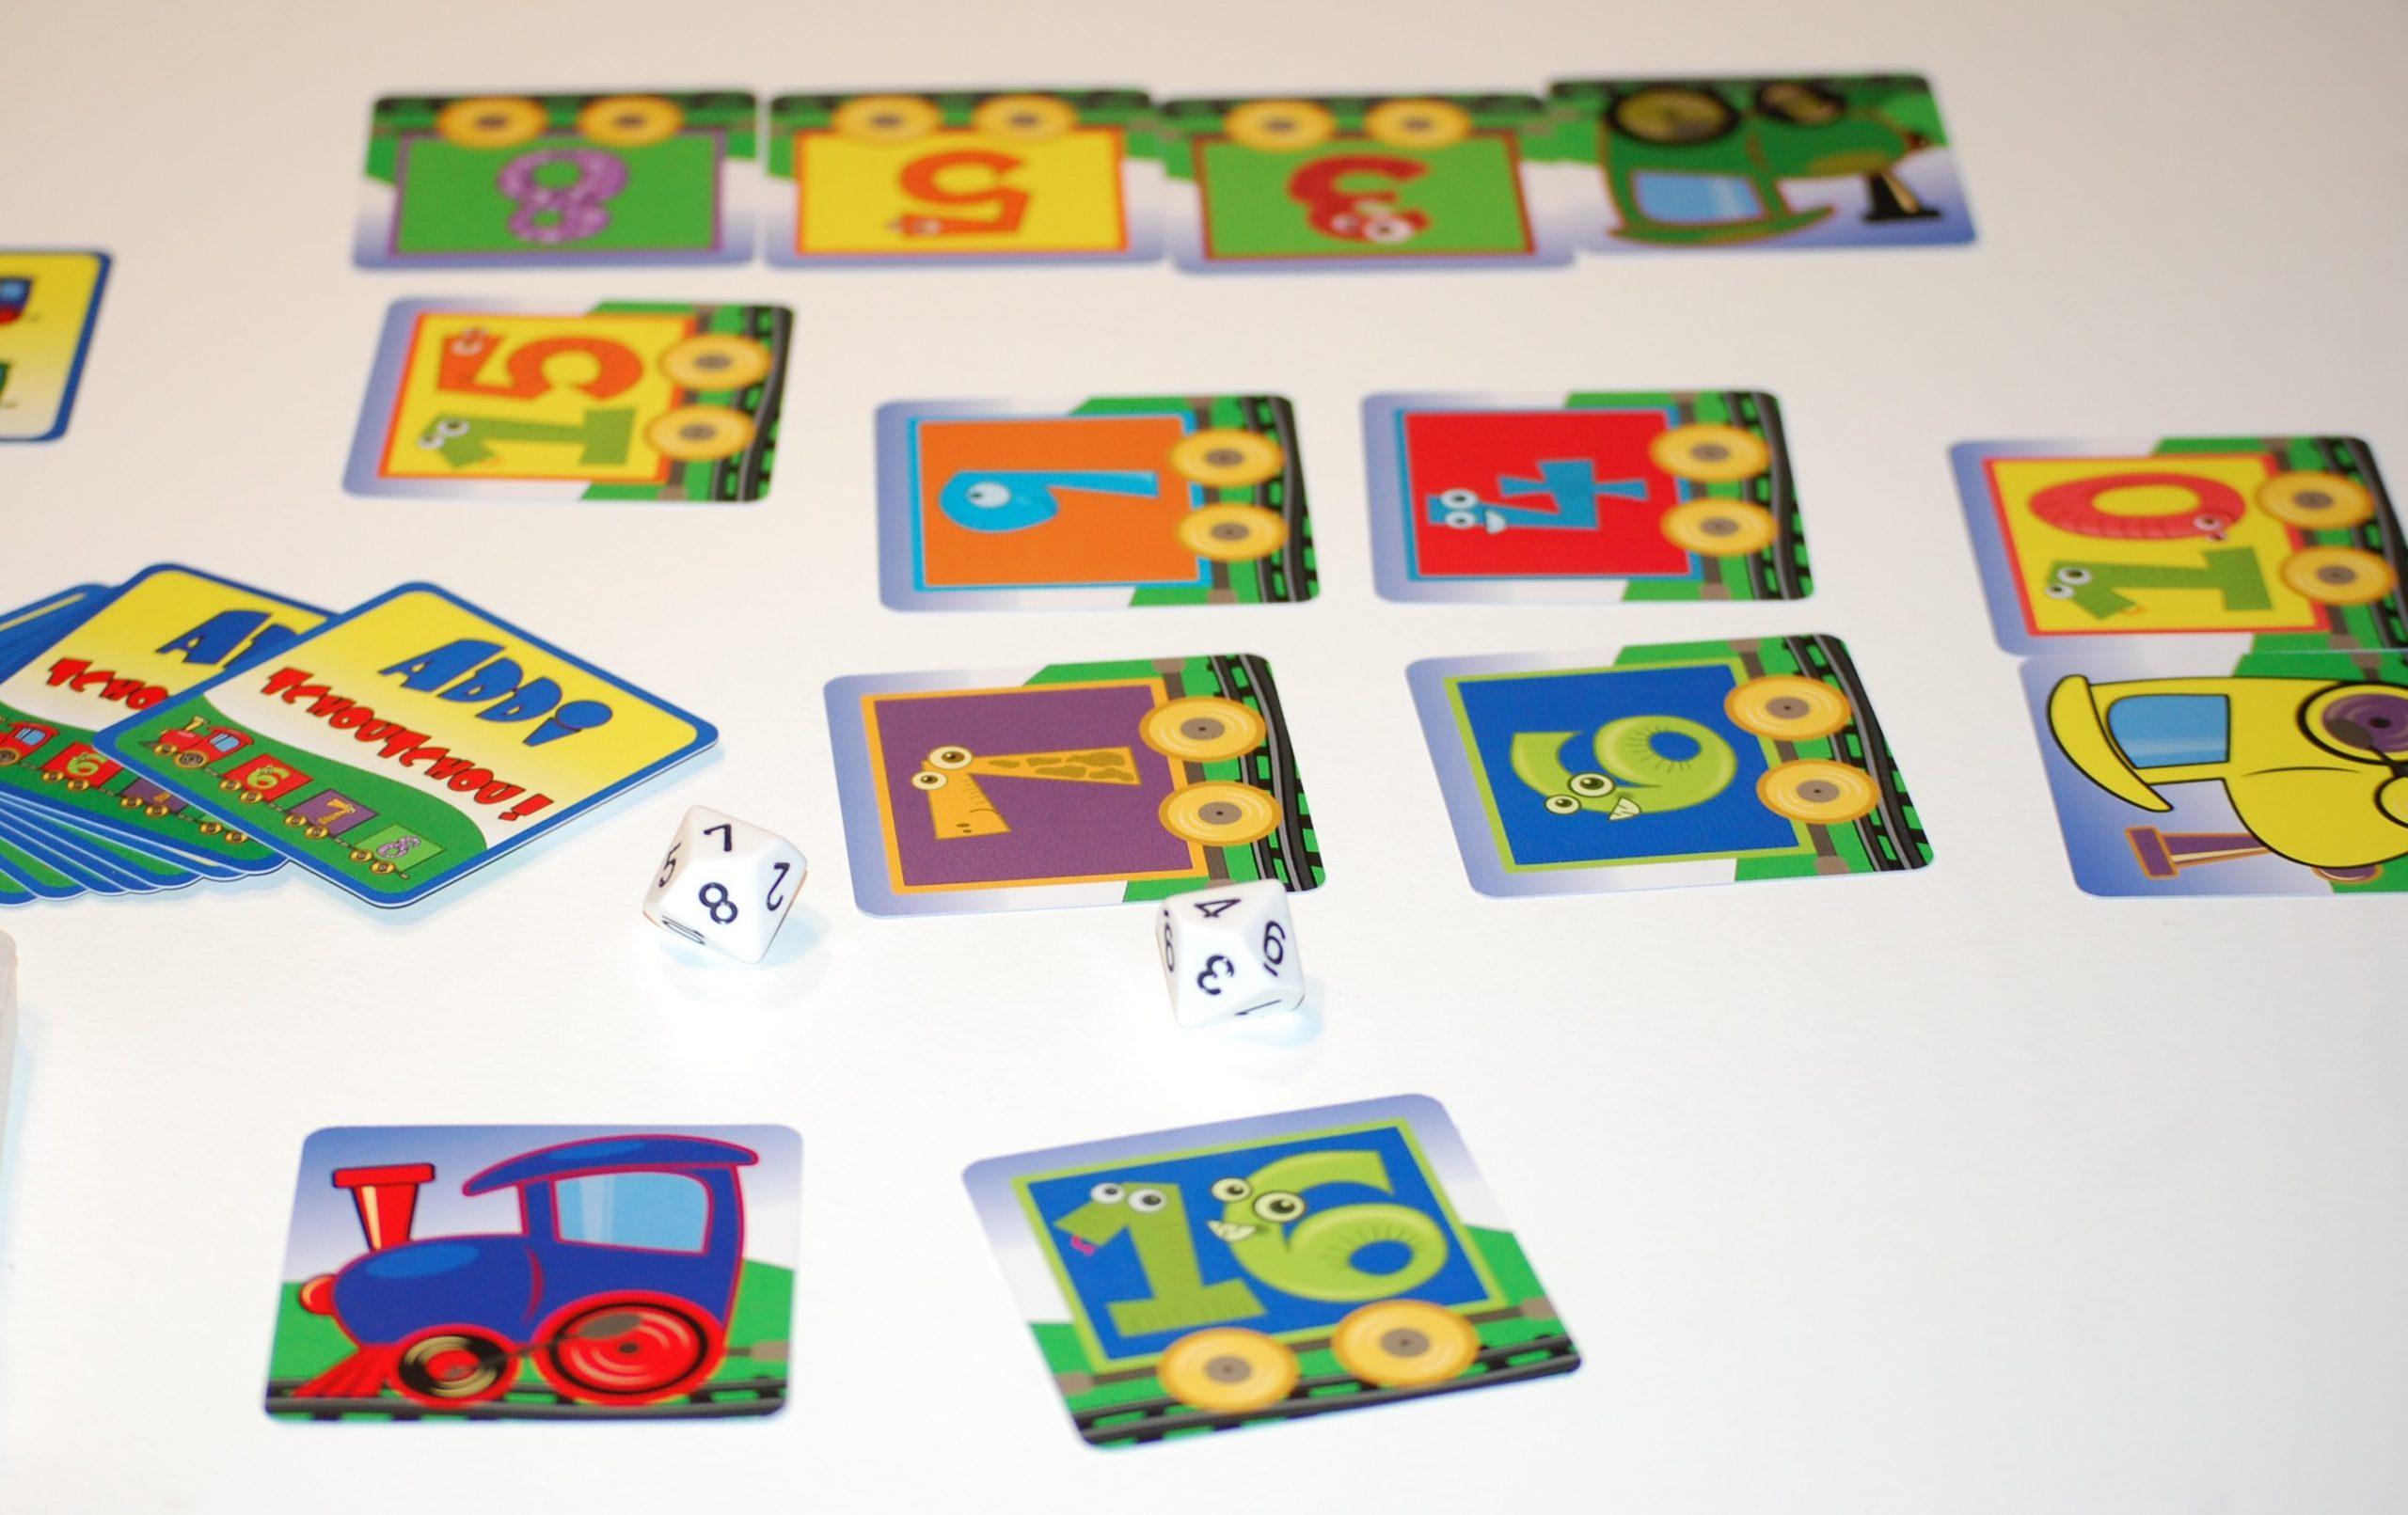 Télécharger Coordonnées Mystères 5Ème Mathématiques Pdf à Jeux Éducatifs À Imprimer Collège